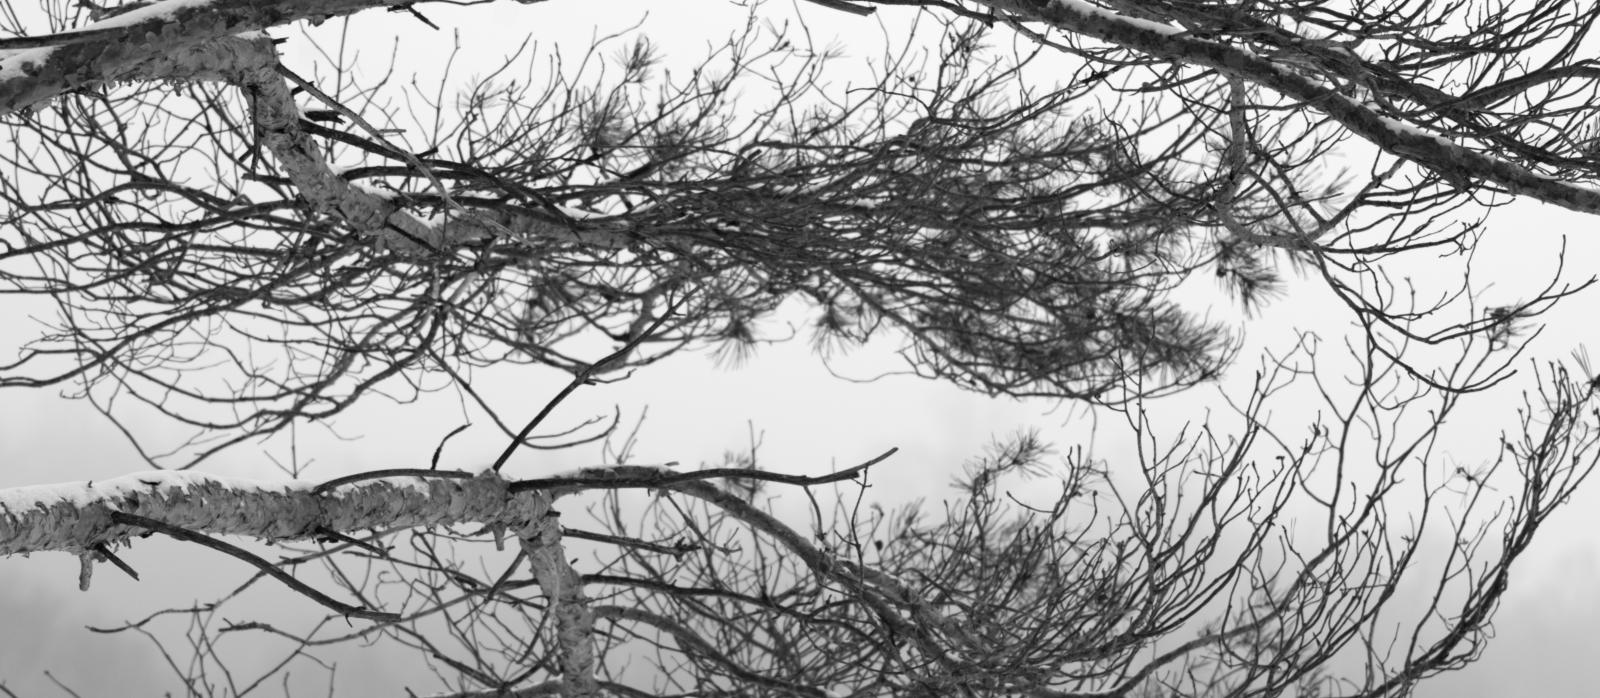 Haliburton highlands, pine branches.